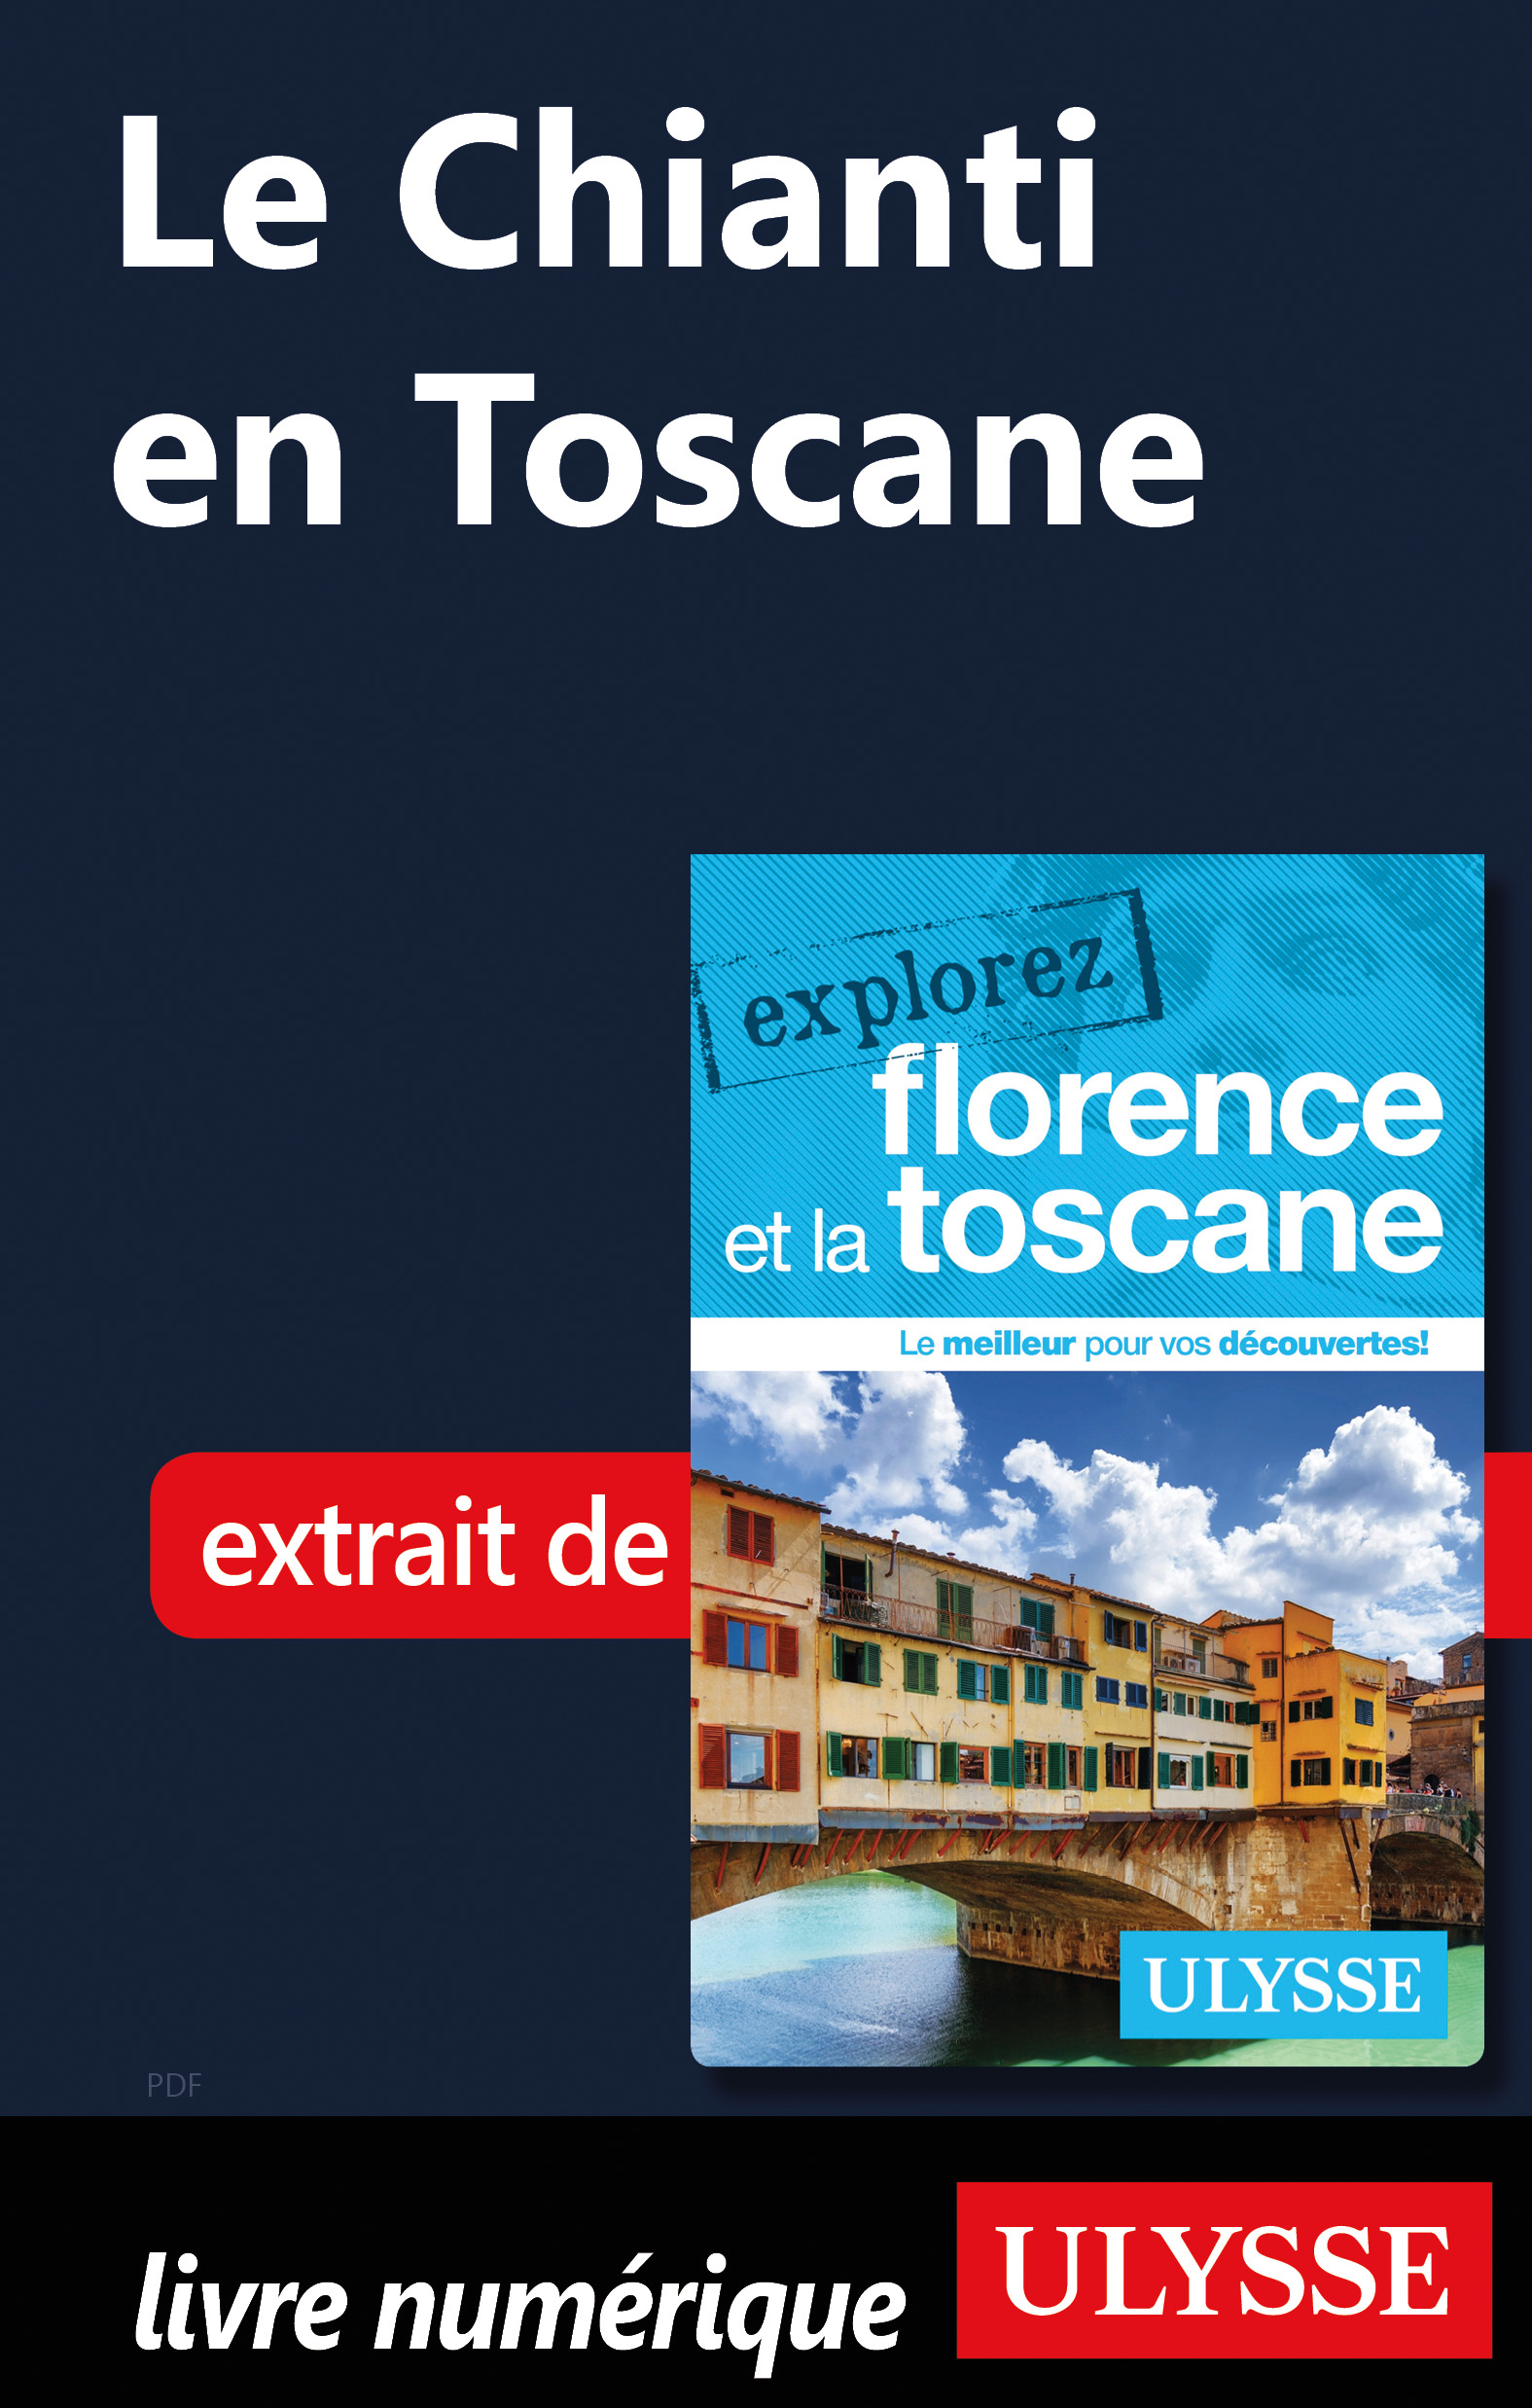 Le Chianti en Toscane